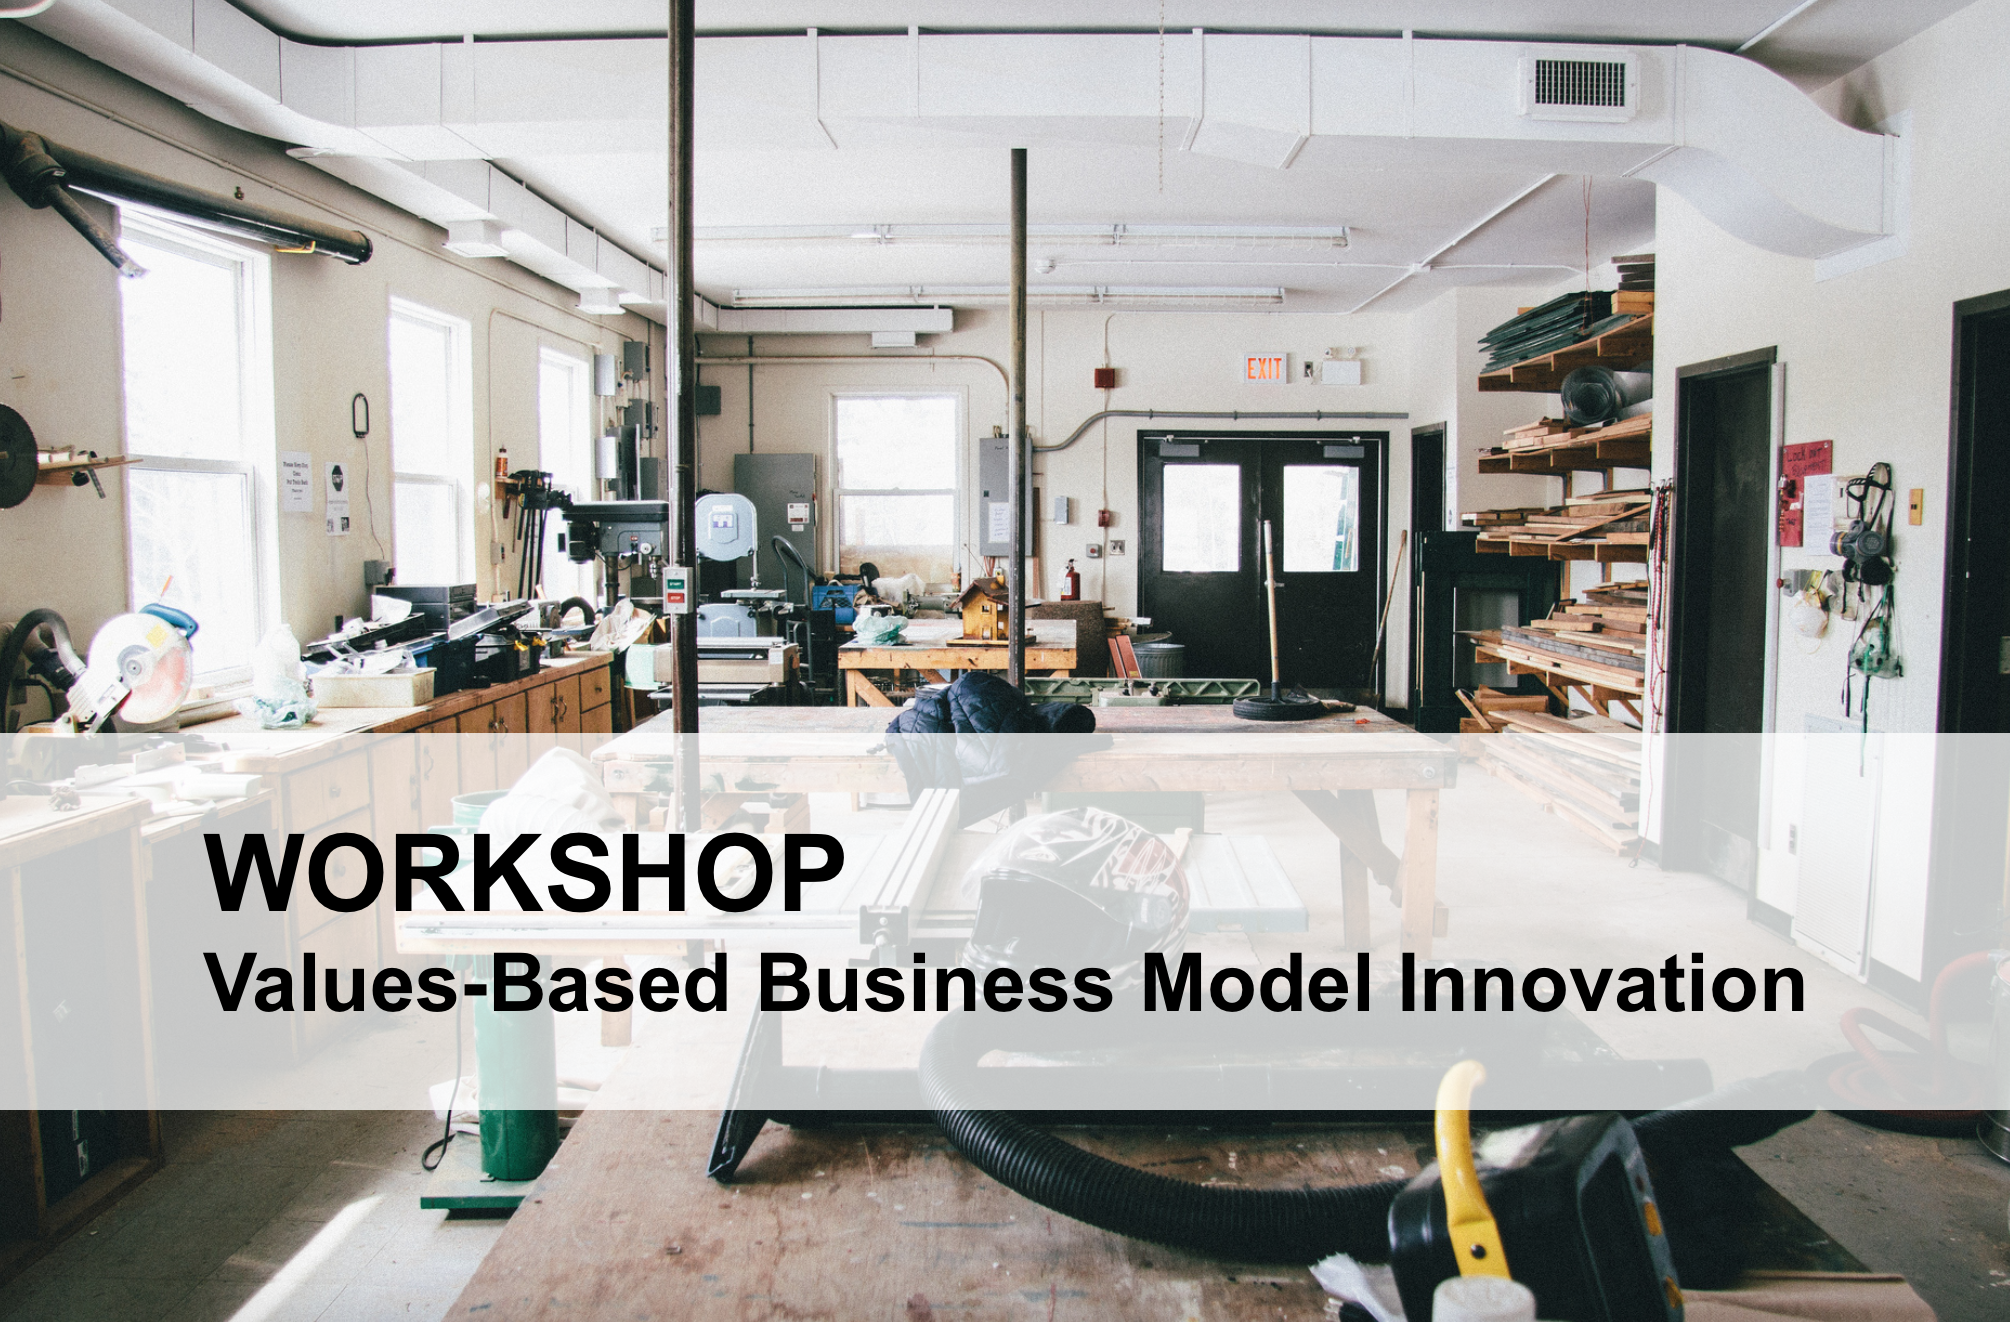 Workshop on Values-Based Business Model Innovation